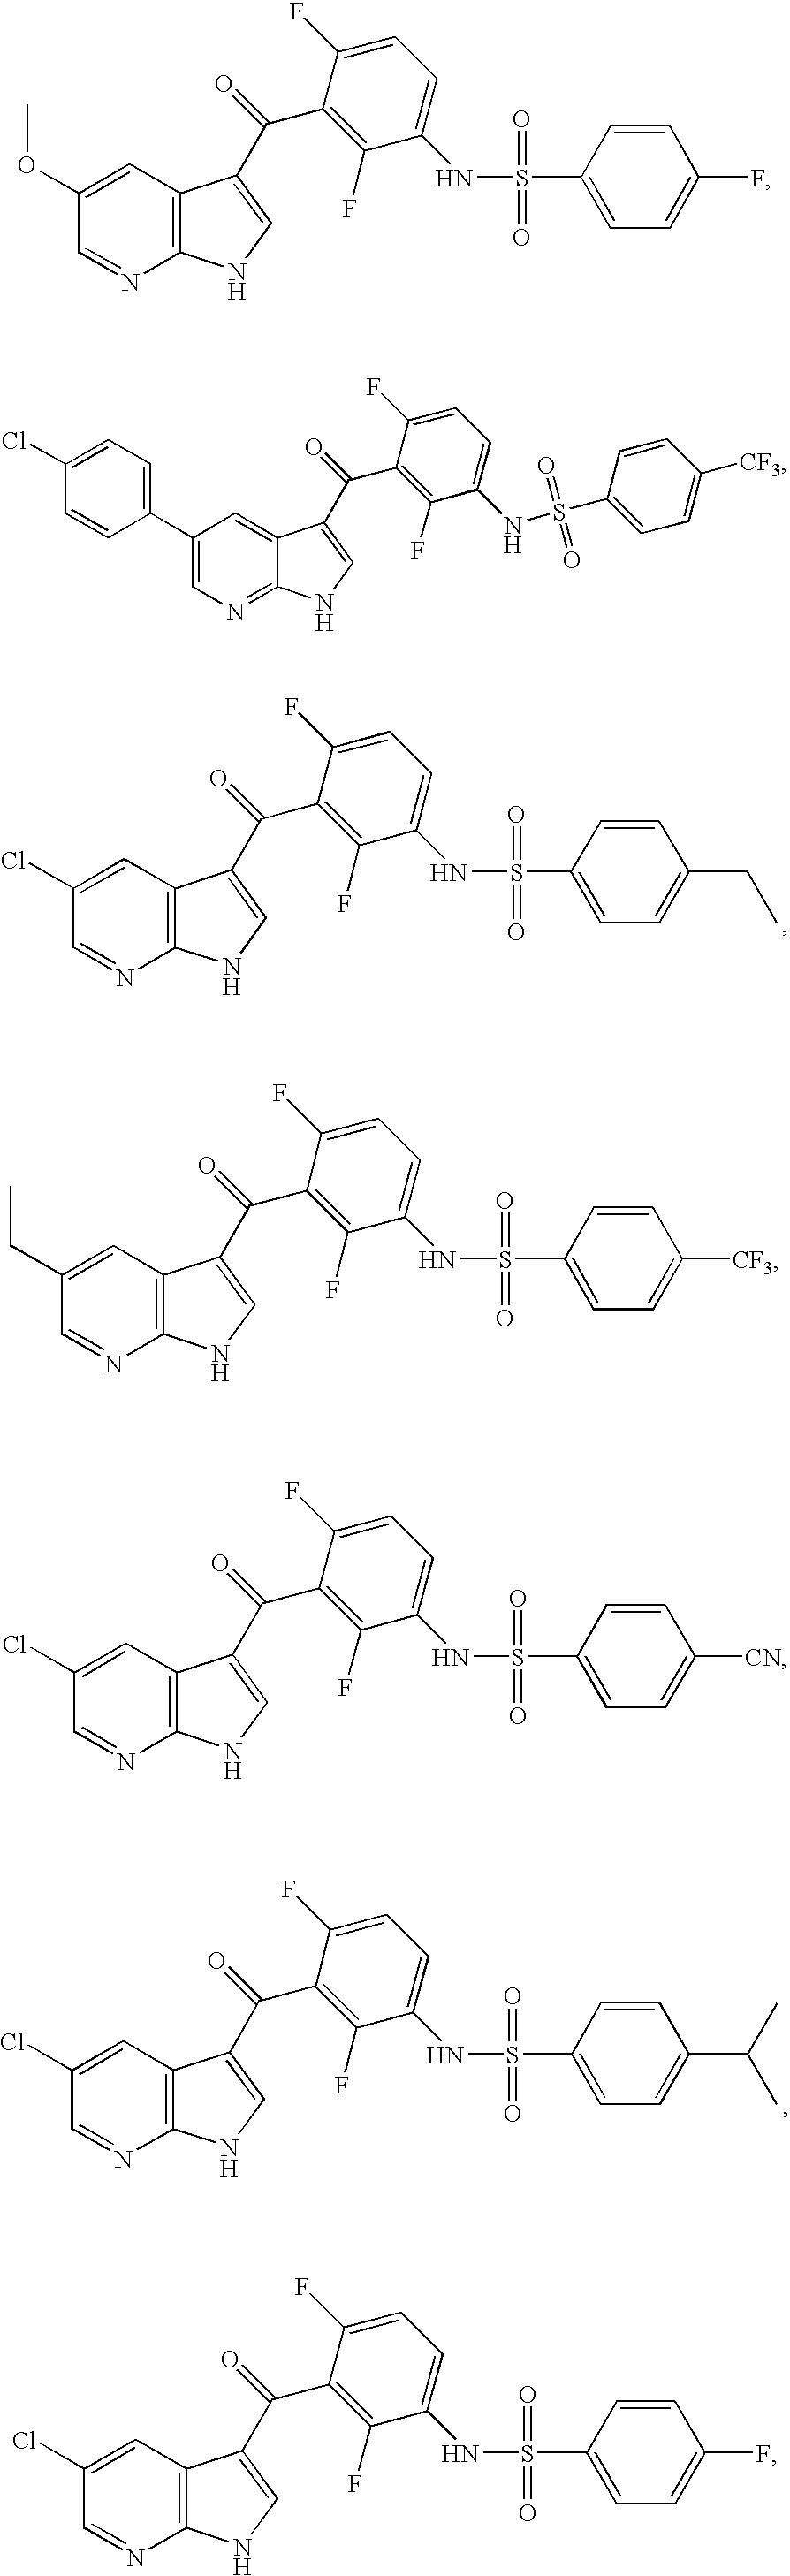 Figure US20080167338A1-20080710-C00170